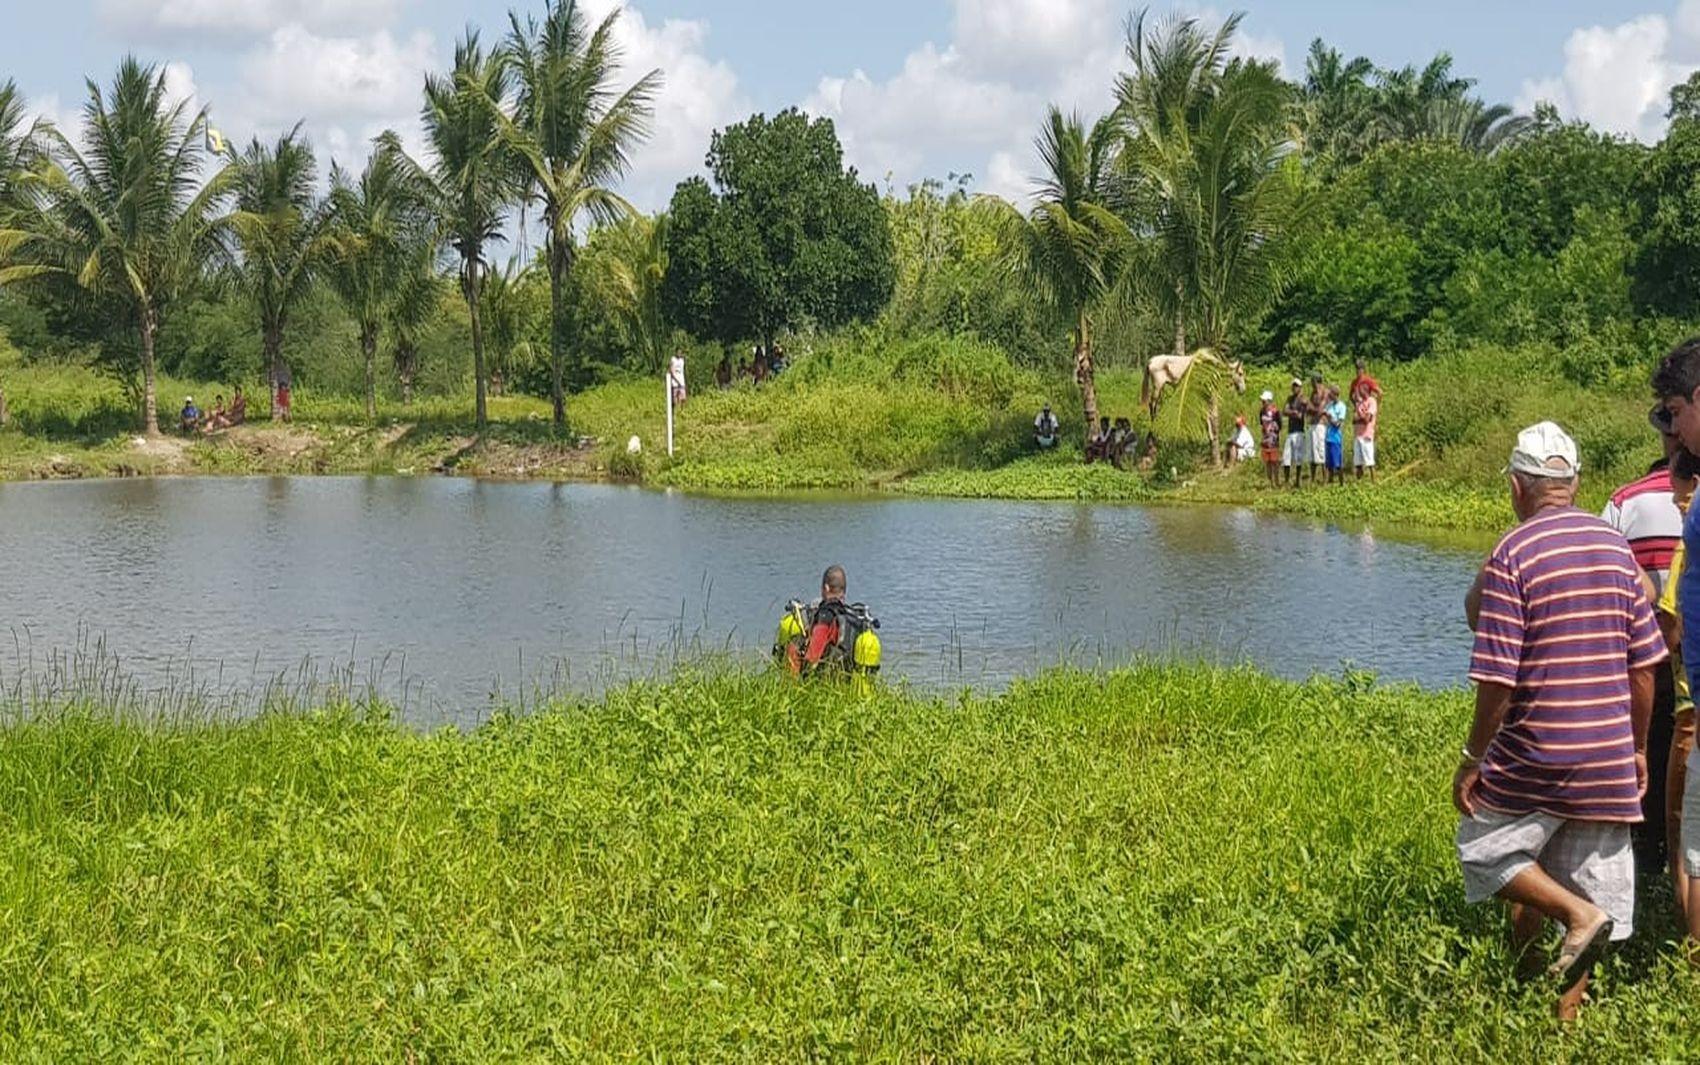 Homem morre afogado em tanque no município de Itabaiana - Notícias - Plantão Diário